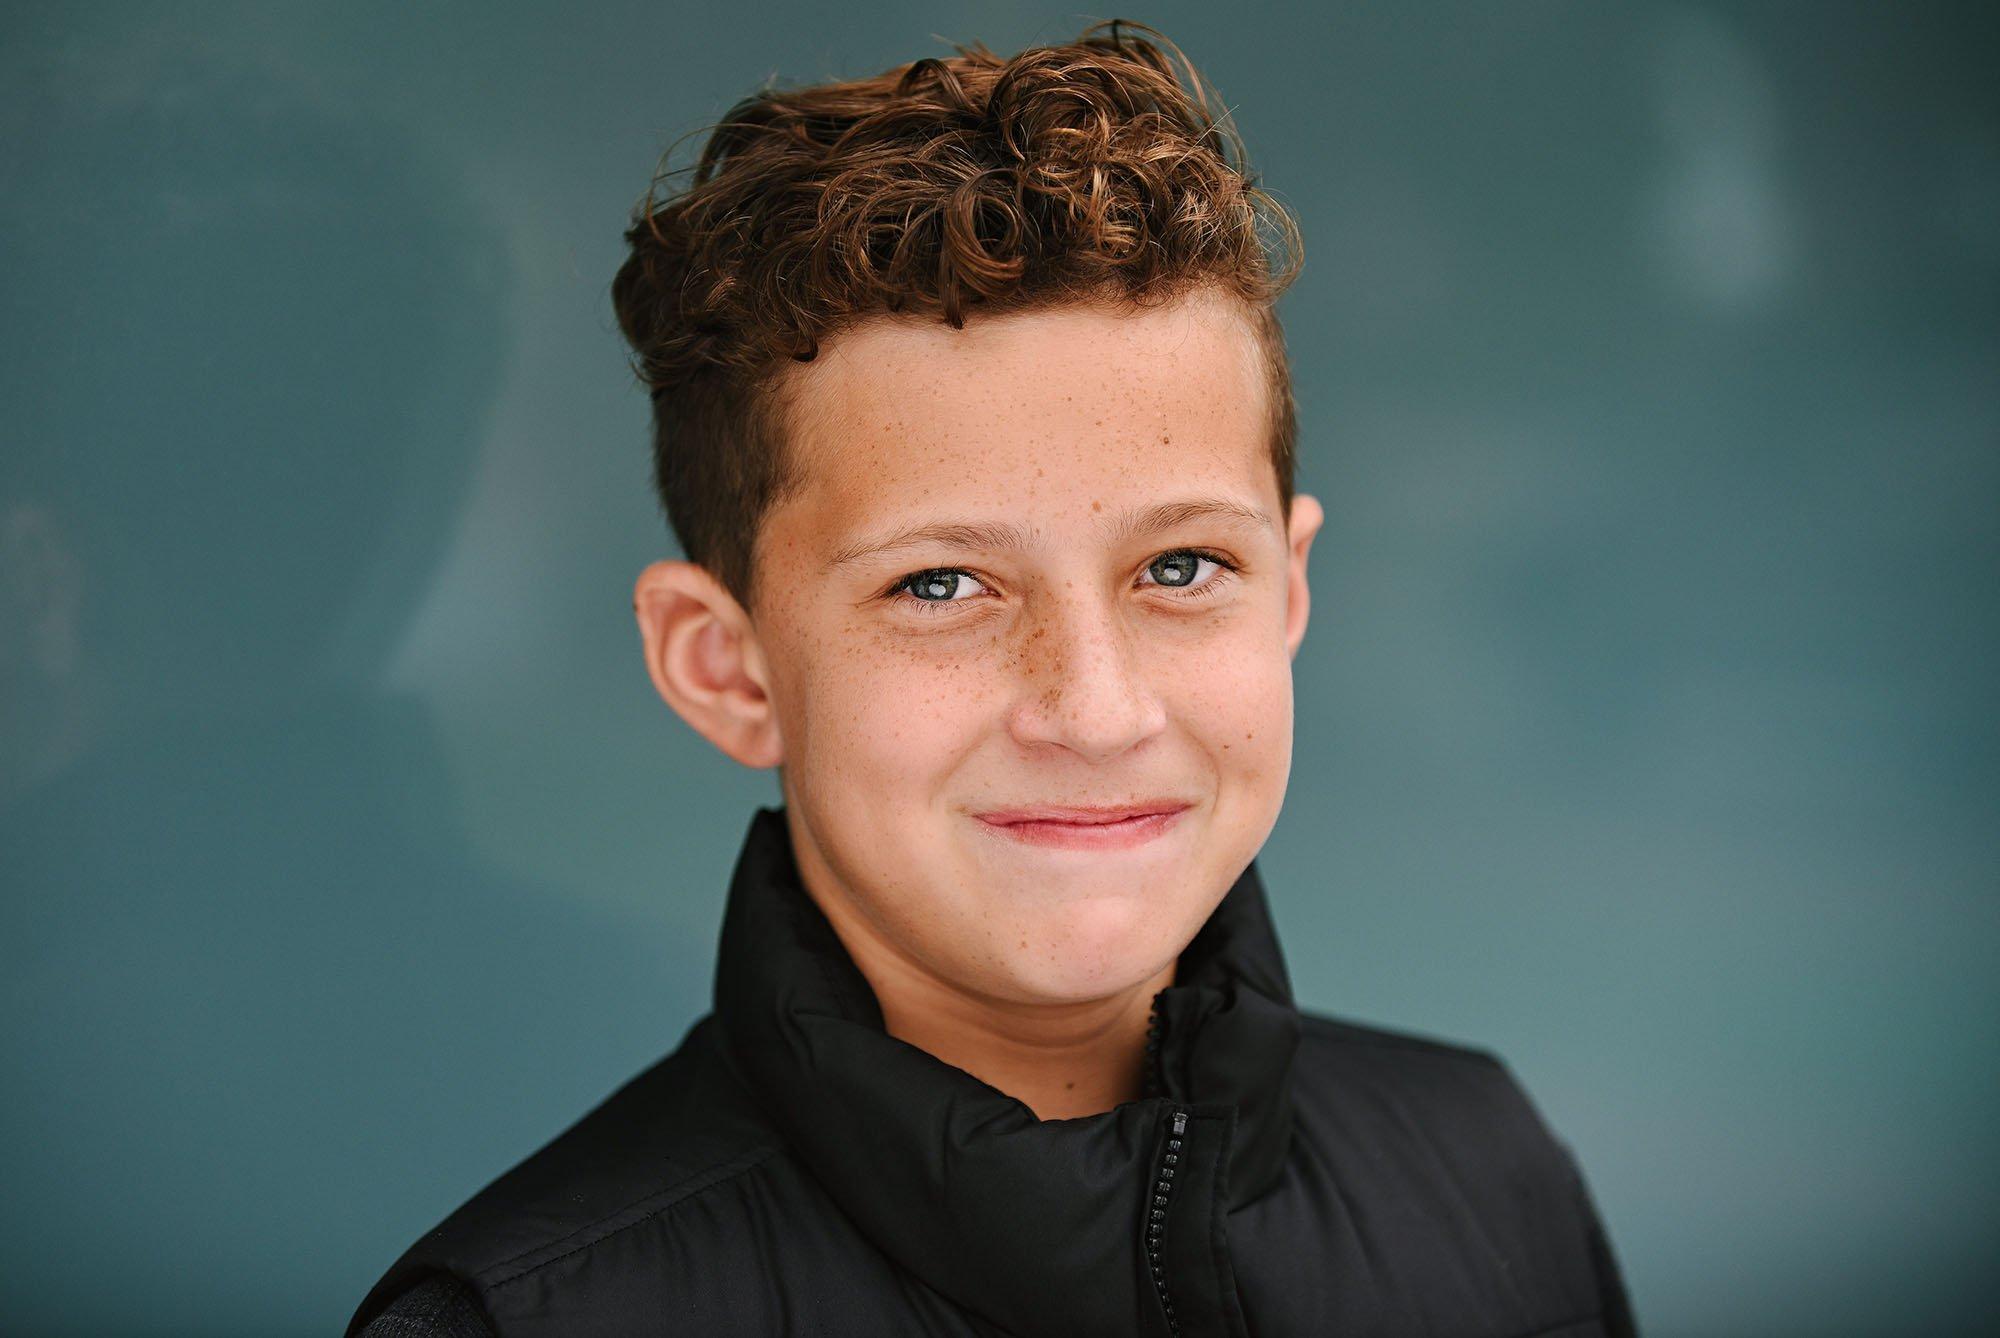 Menino de 12 anos dedicou seus últimos dias a pregar o Evangelho, após descobrir câncer